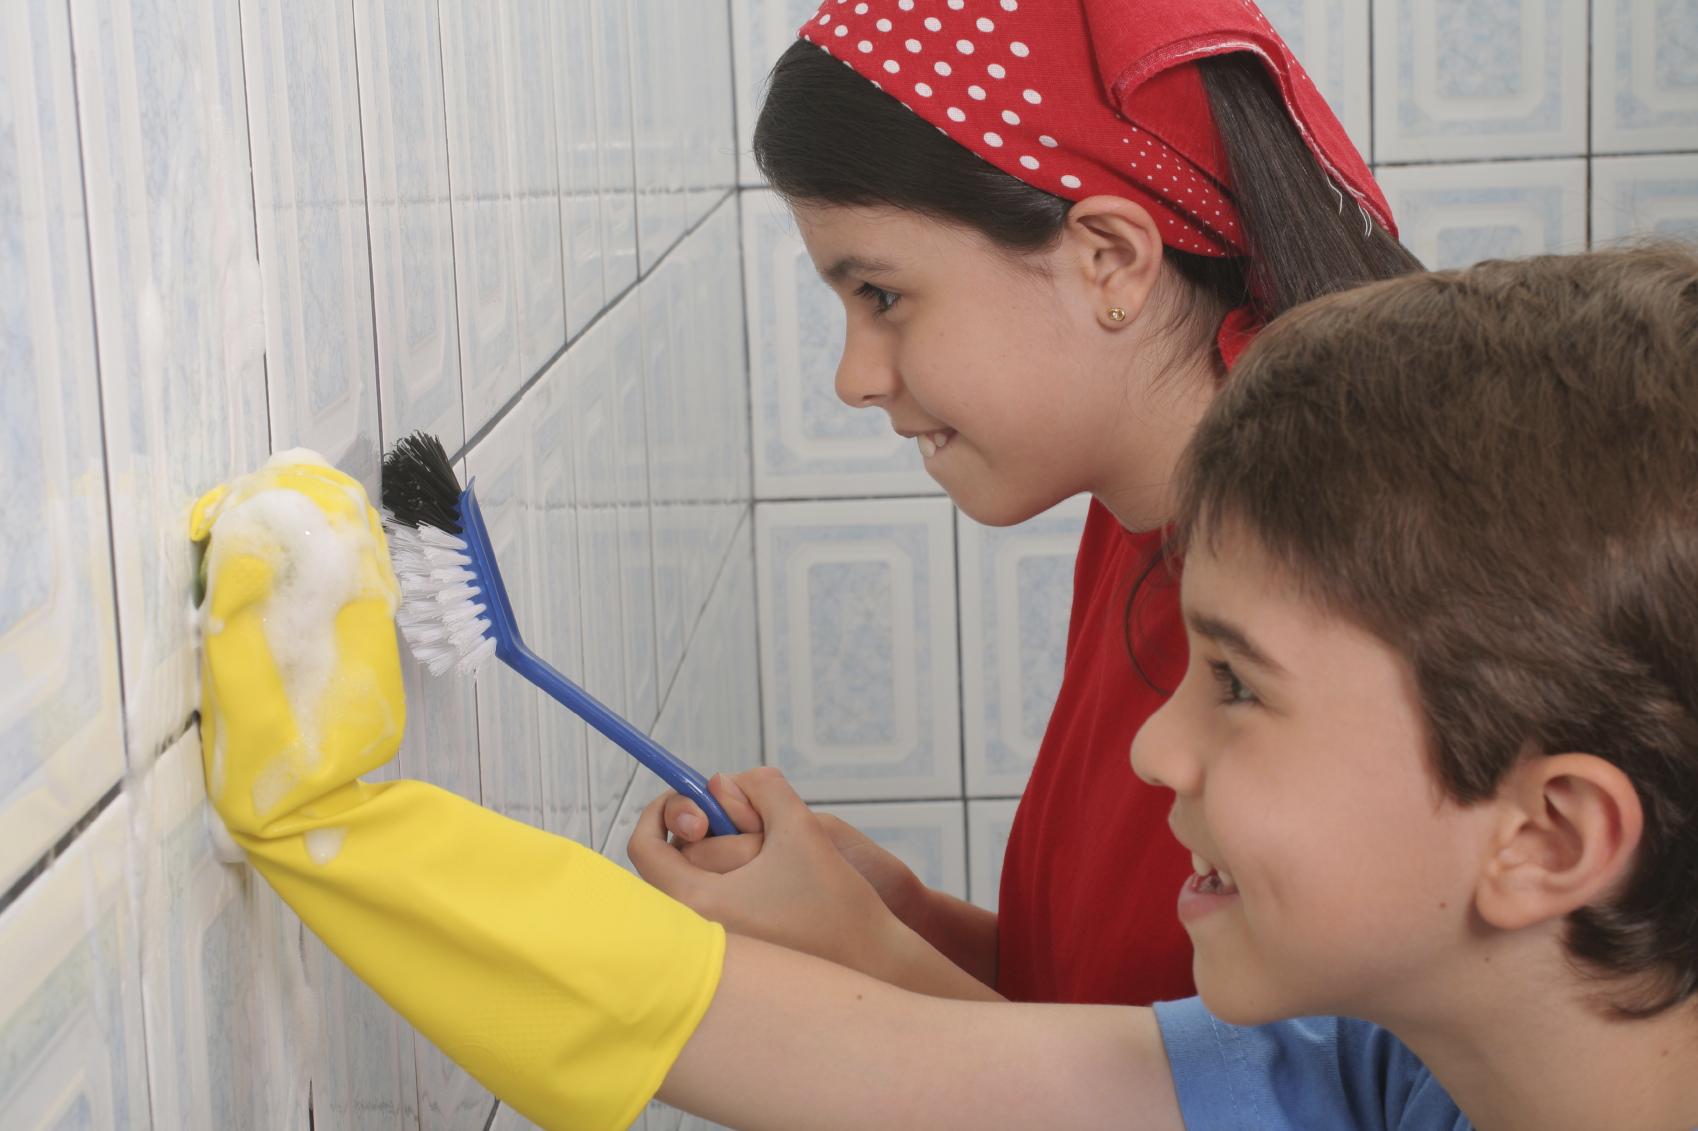 Facciamo le faccende domestiche: quando i bambini posso aiutare in casa